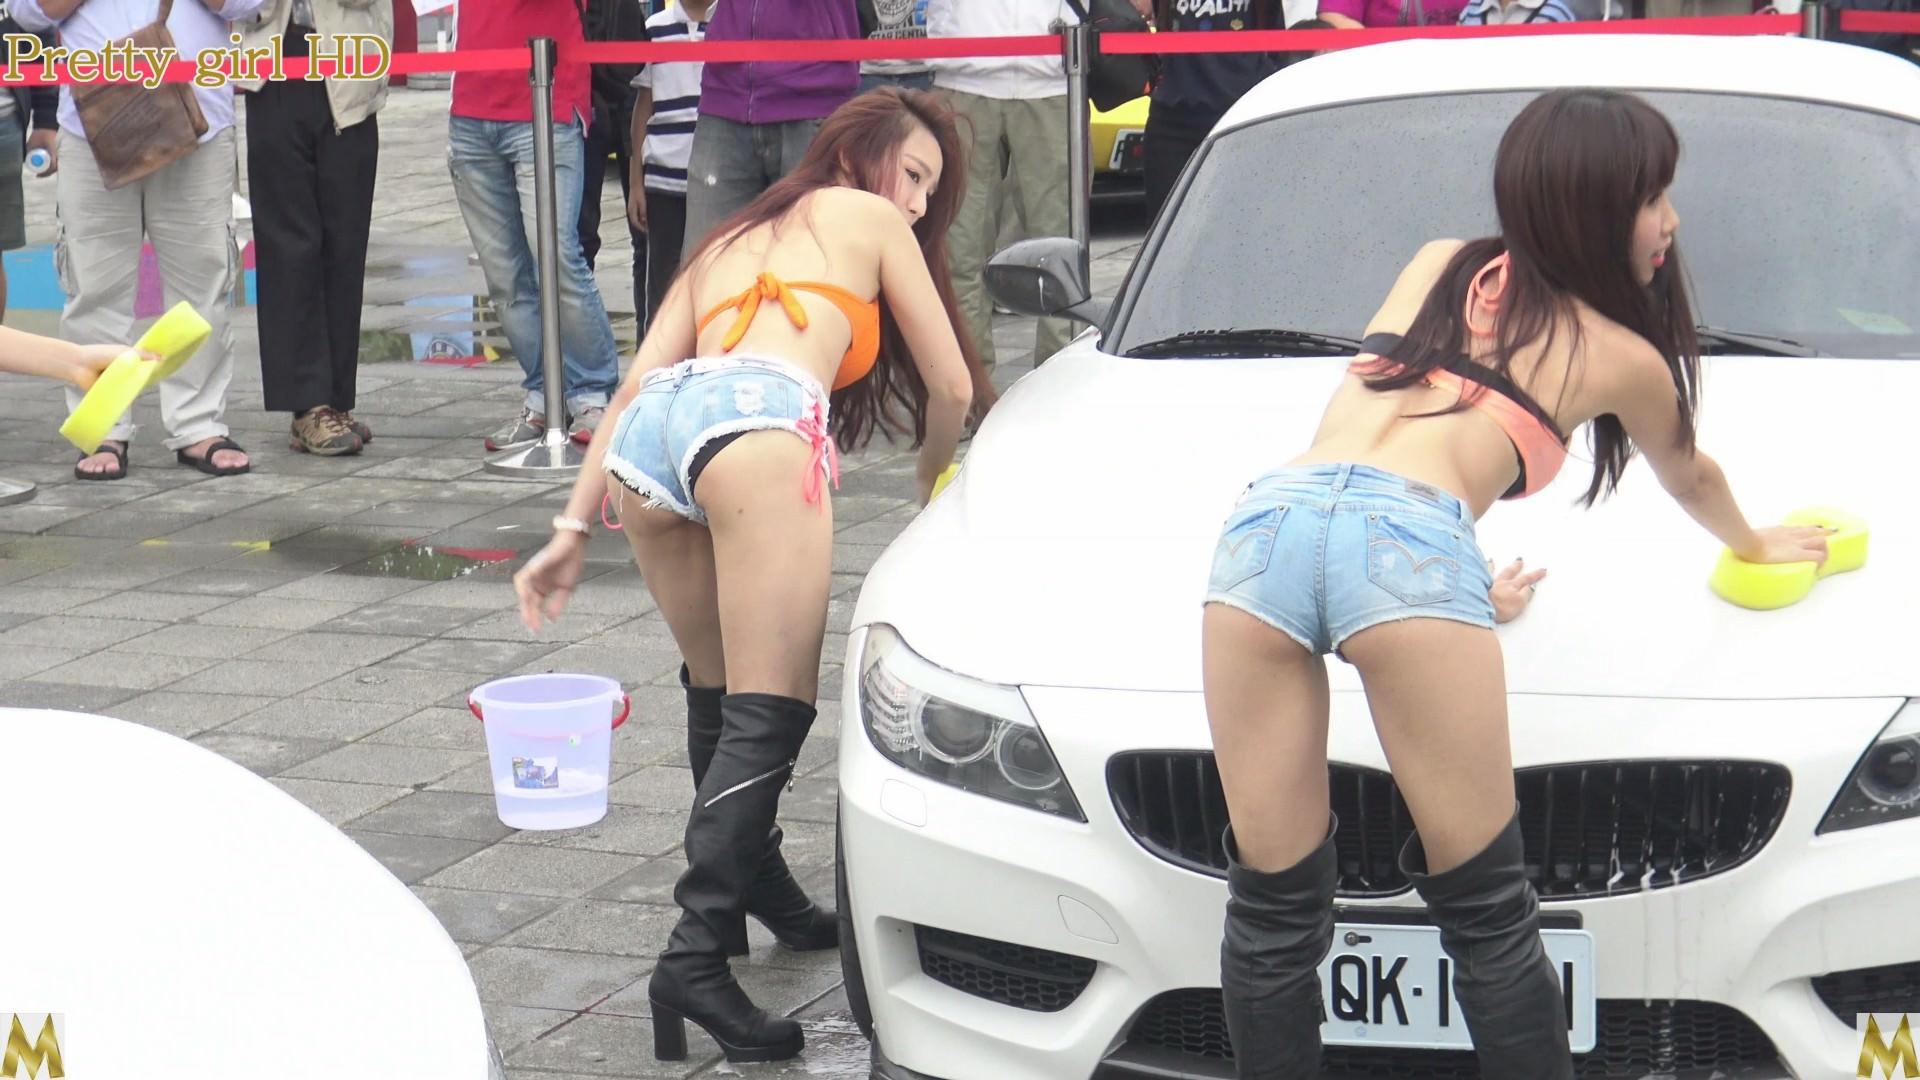 女体洗車とかいう変わったセクシーサービスが神杉wwwwwwww(画像あり)・22枚目